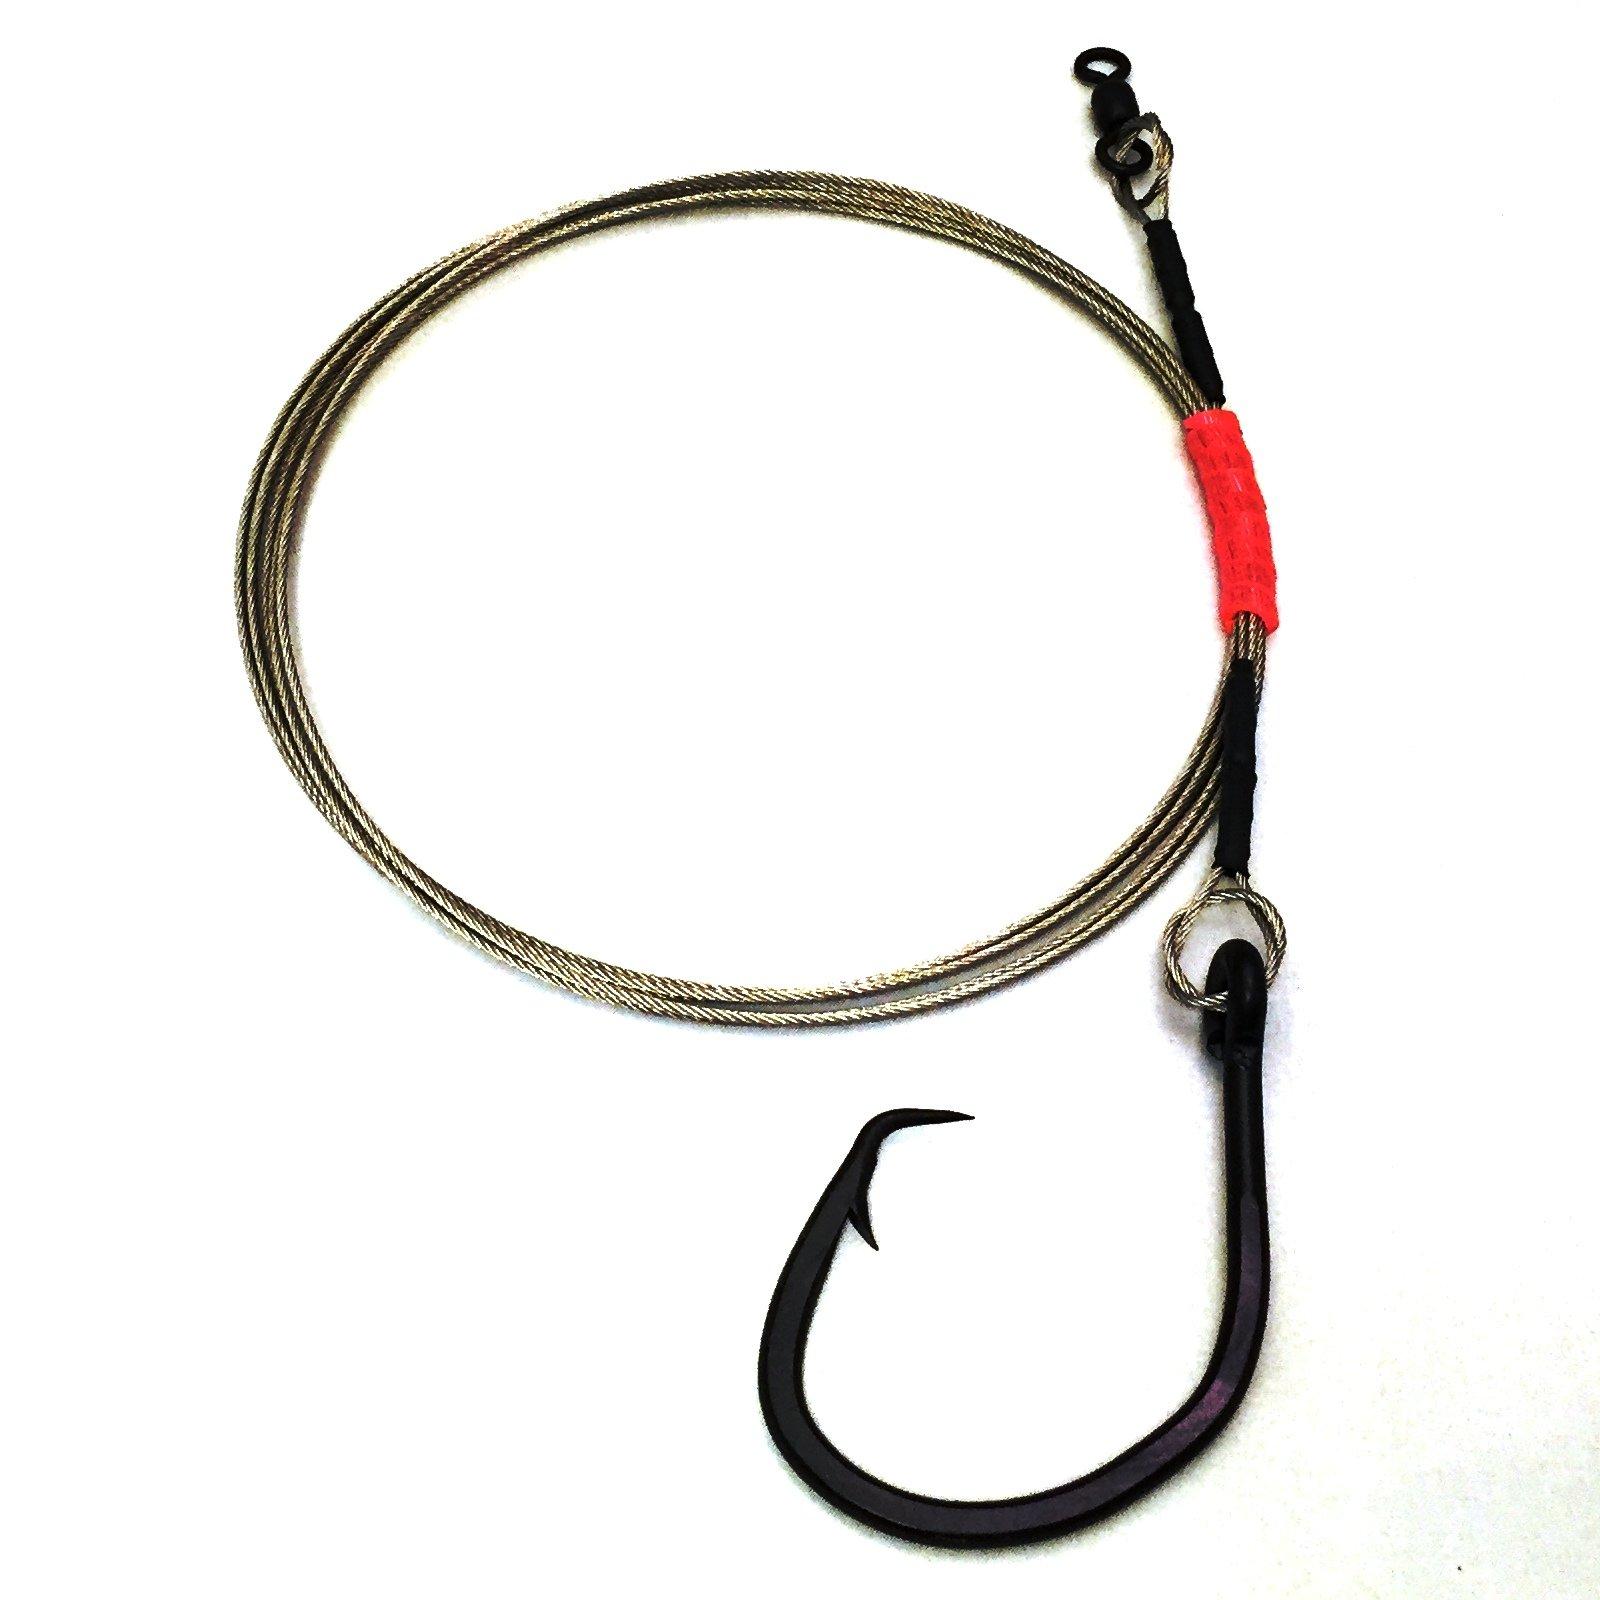 Shark Rig - 480# Cable 20/0 Circle Hook